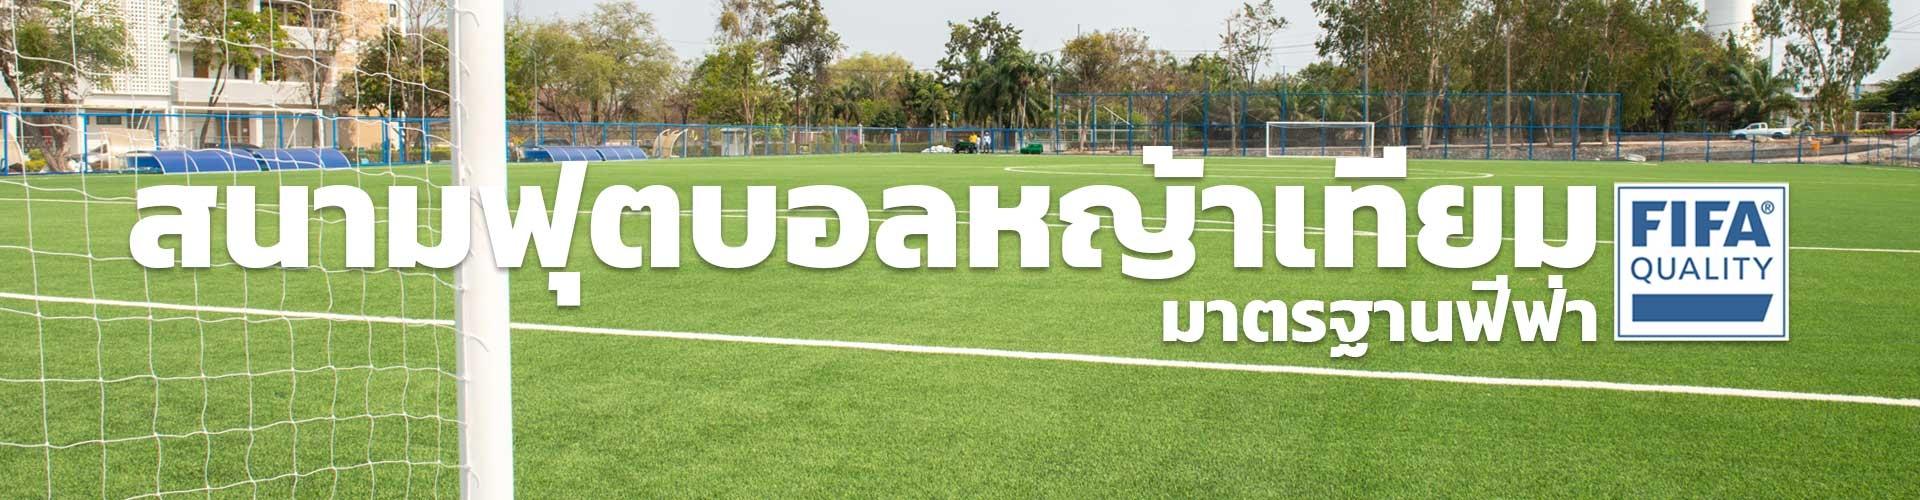 สนามฟุตบอลหญ้าเทียมมาตรฐานฟีฟ่า (Fifa Quality)